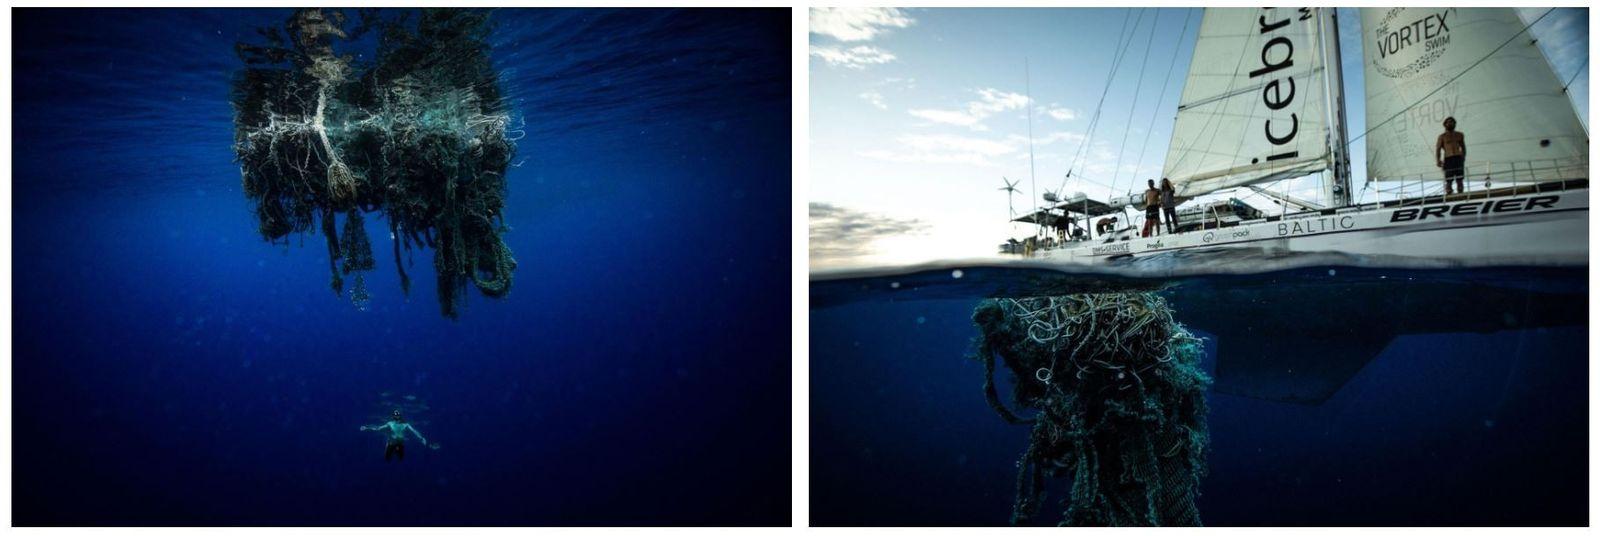 """Esquerda: Um membro da equipa de Lecomte a nadar debaixo de uma """"rede fantasma"""", uma rede ..."""